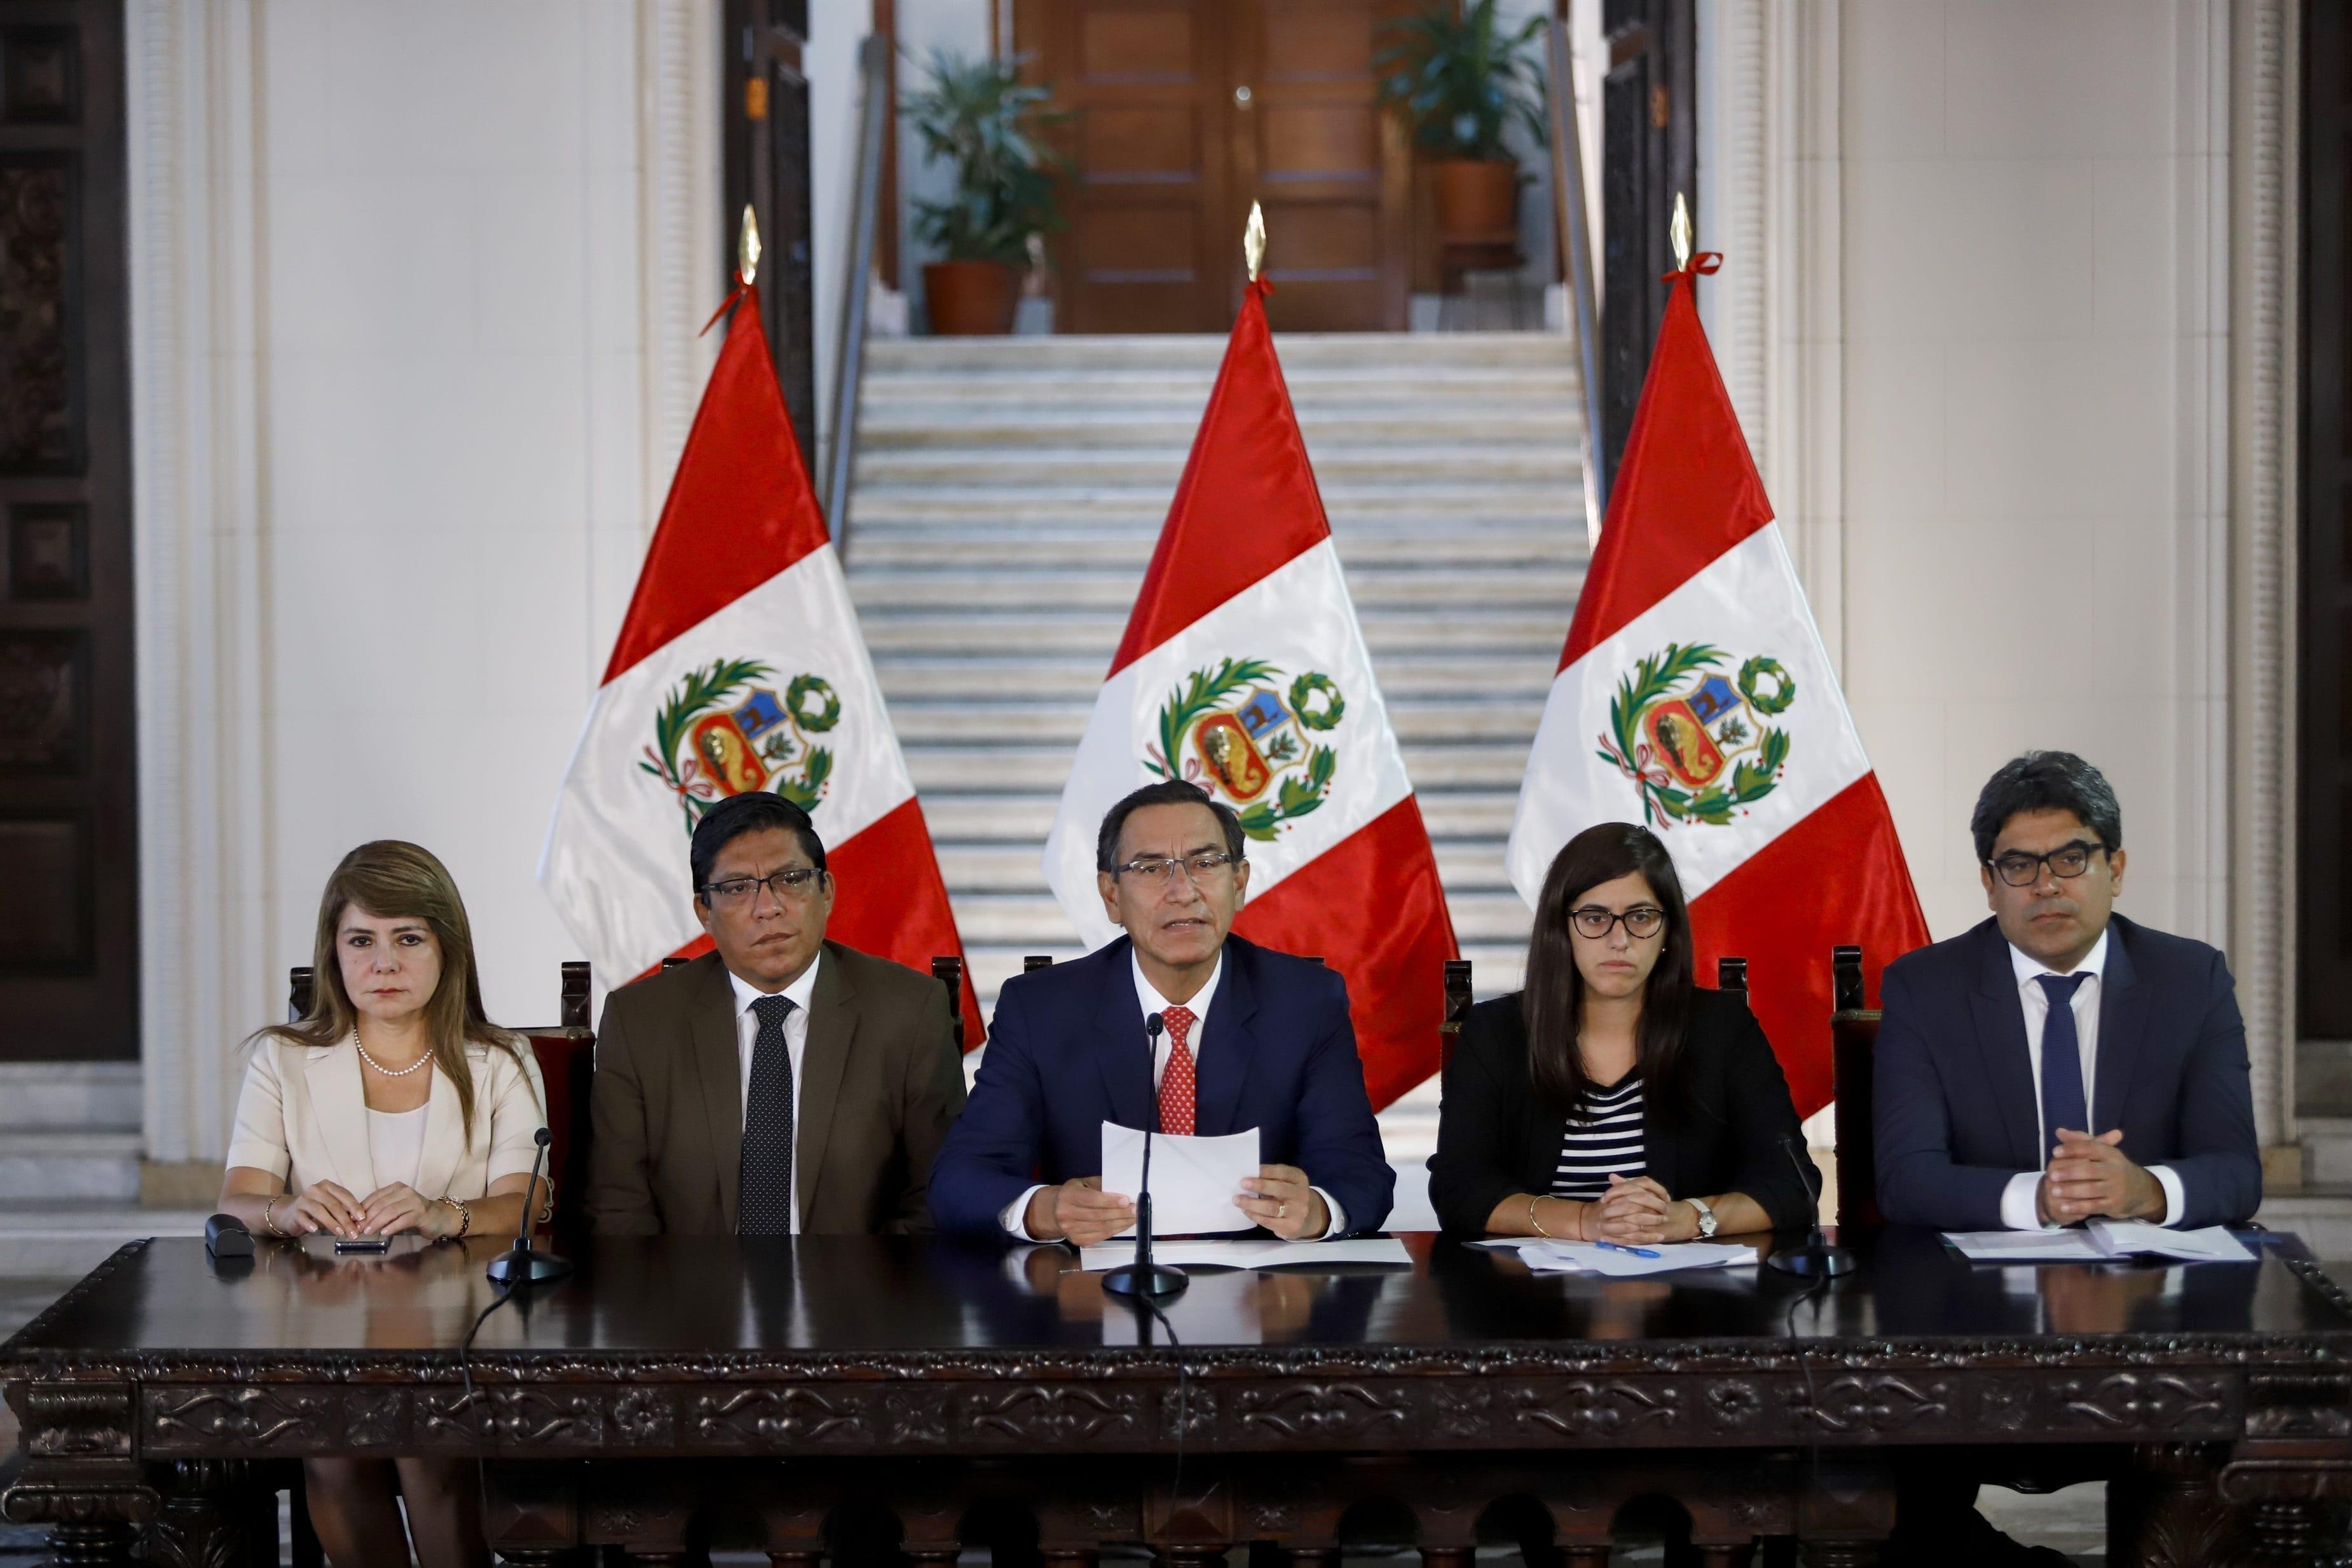 el presidente de perú, martín vizcarra junto a su equipo de gobierno